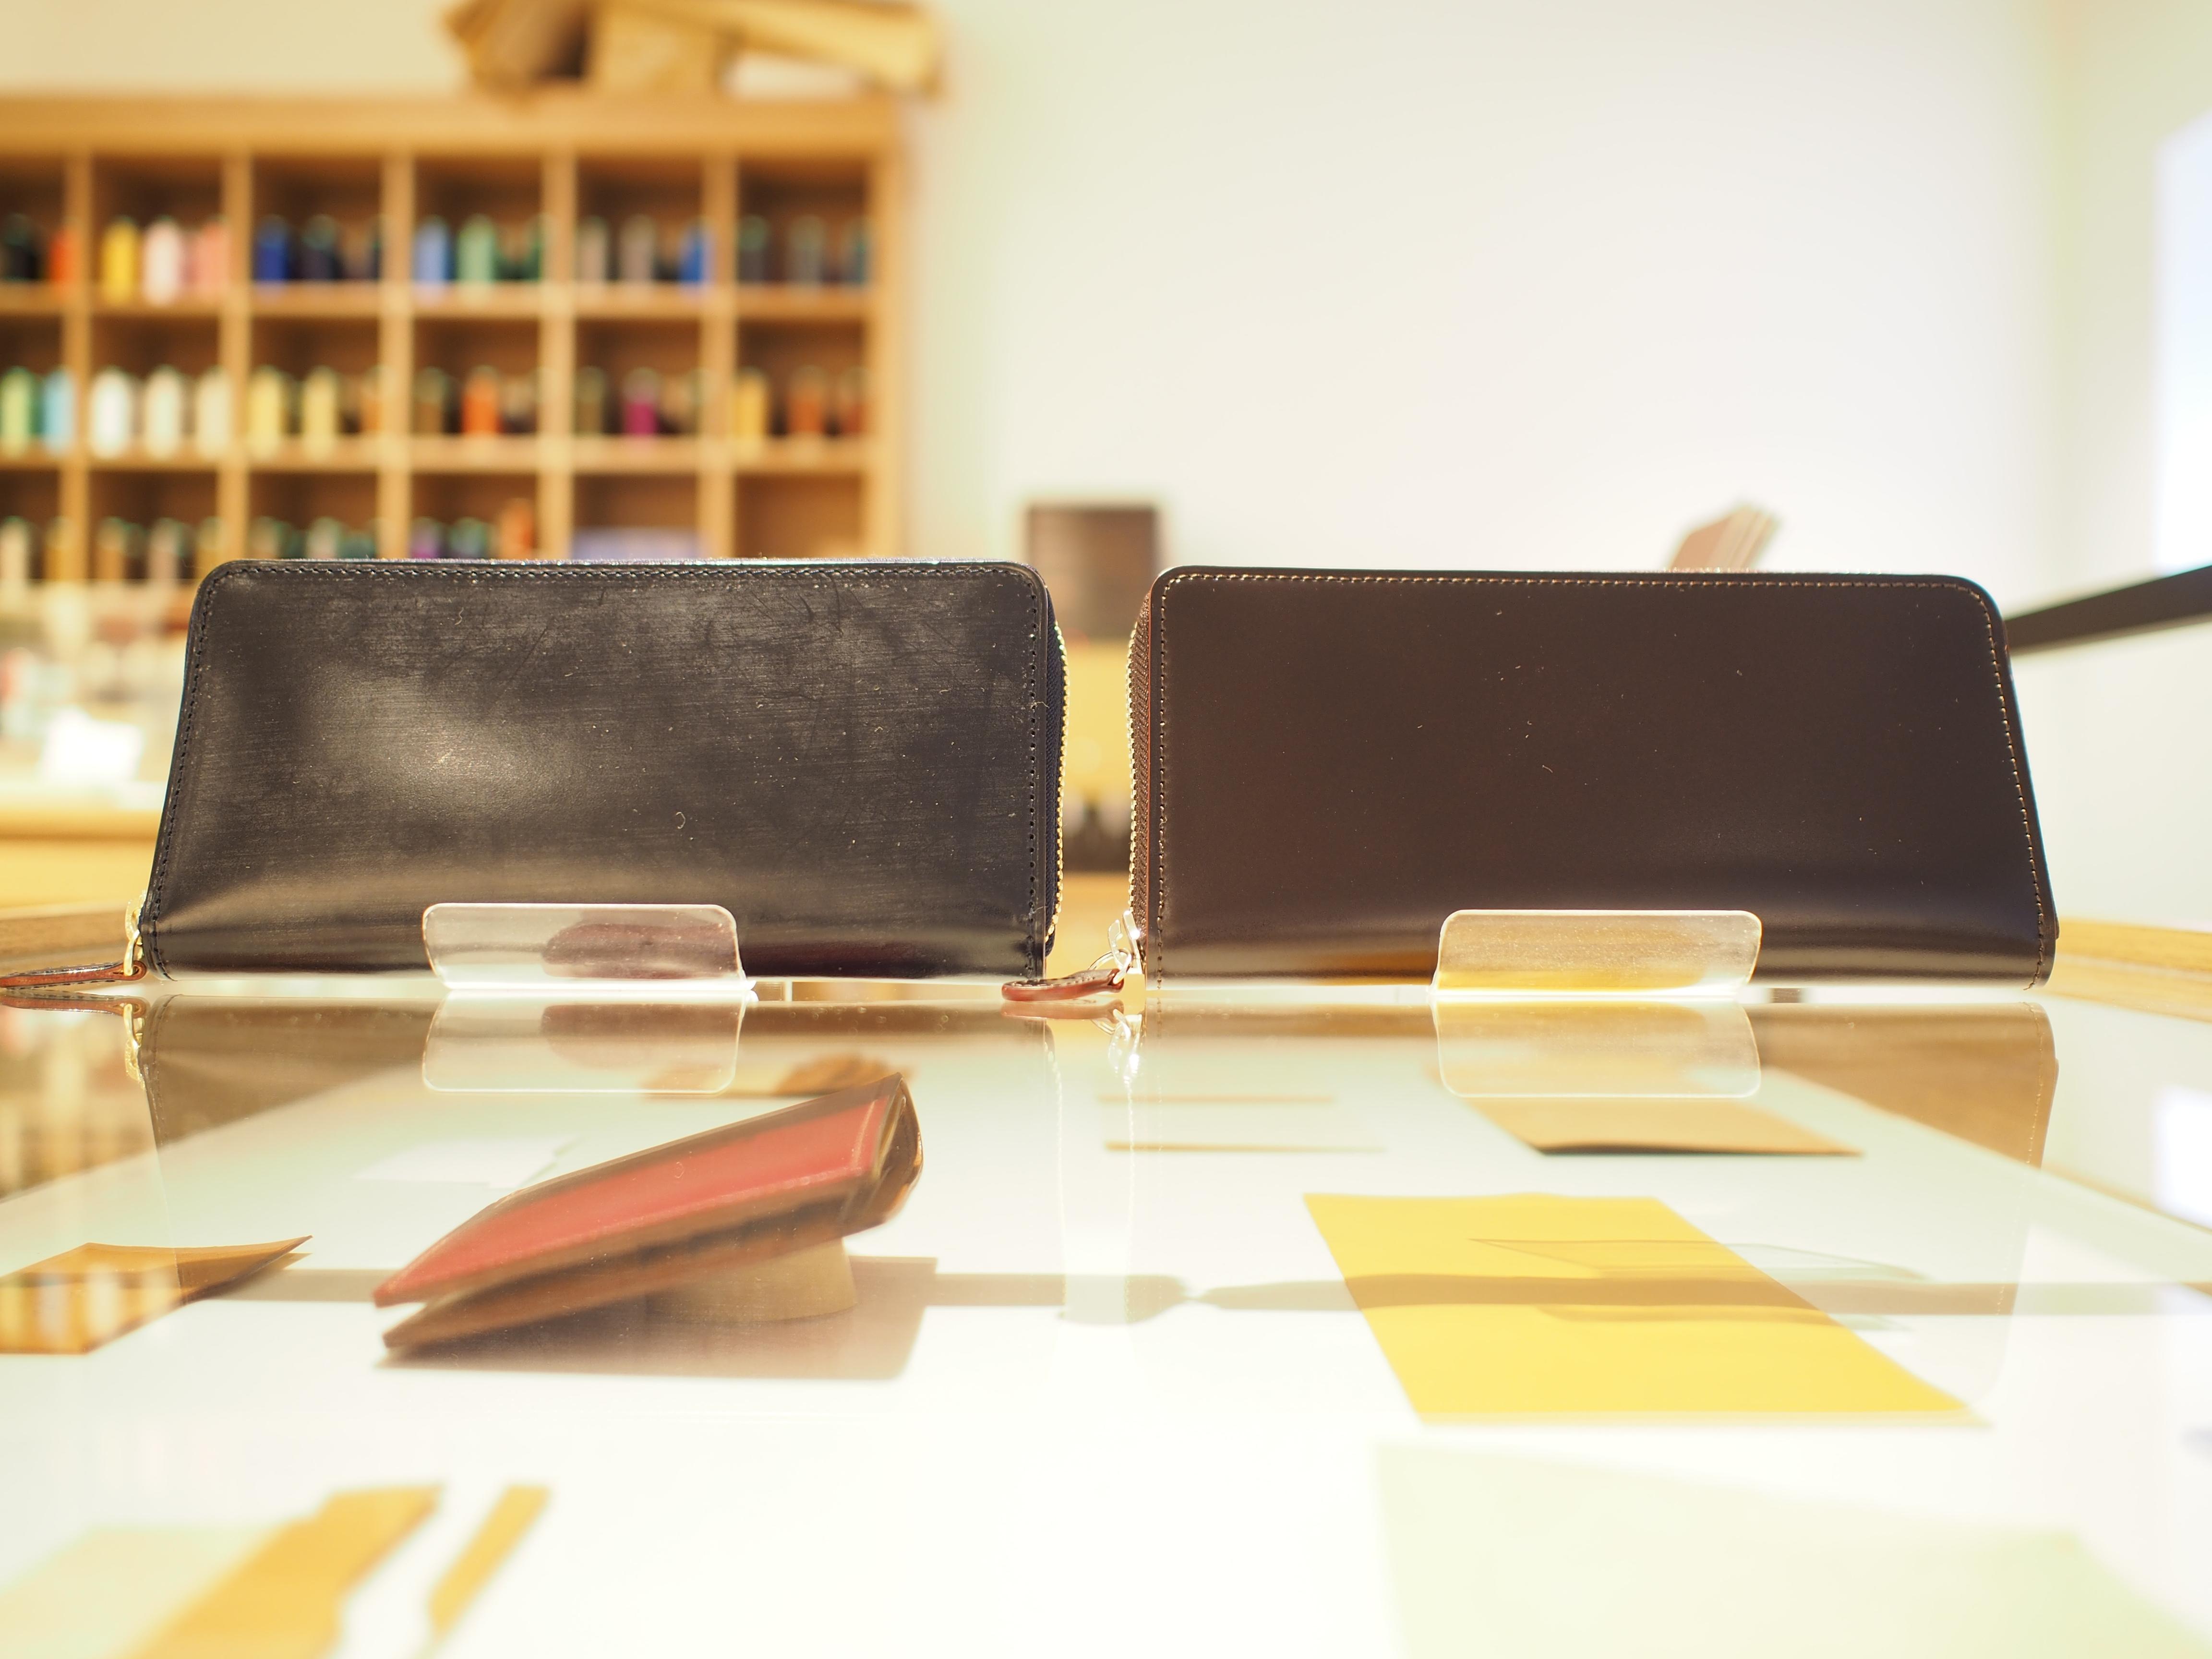 コードバン&ブライドル ラウンドファスナー長財布を比較